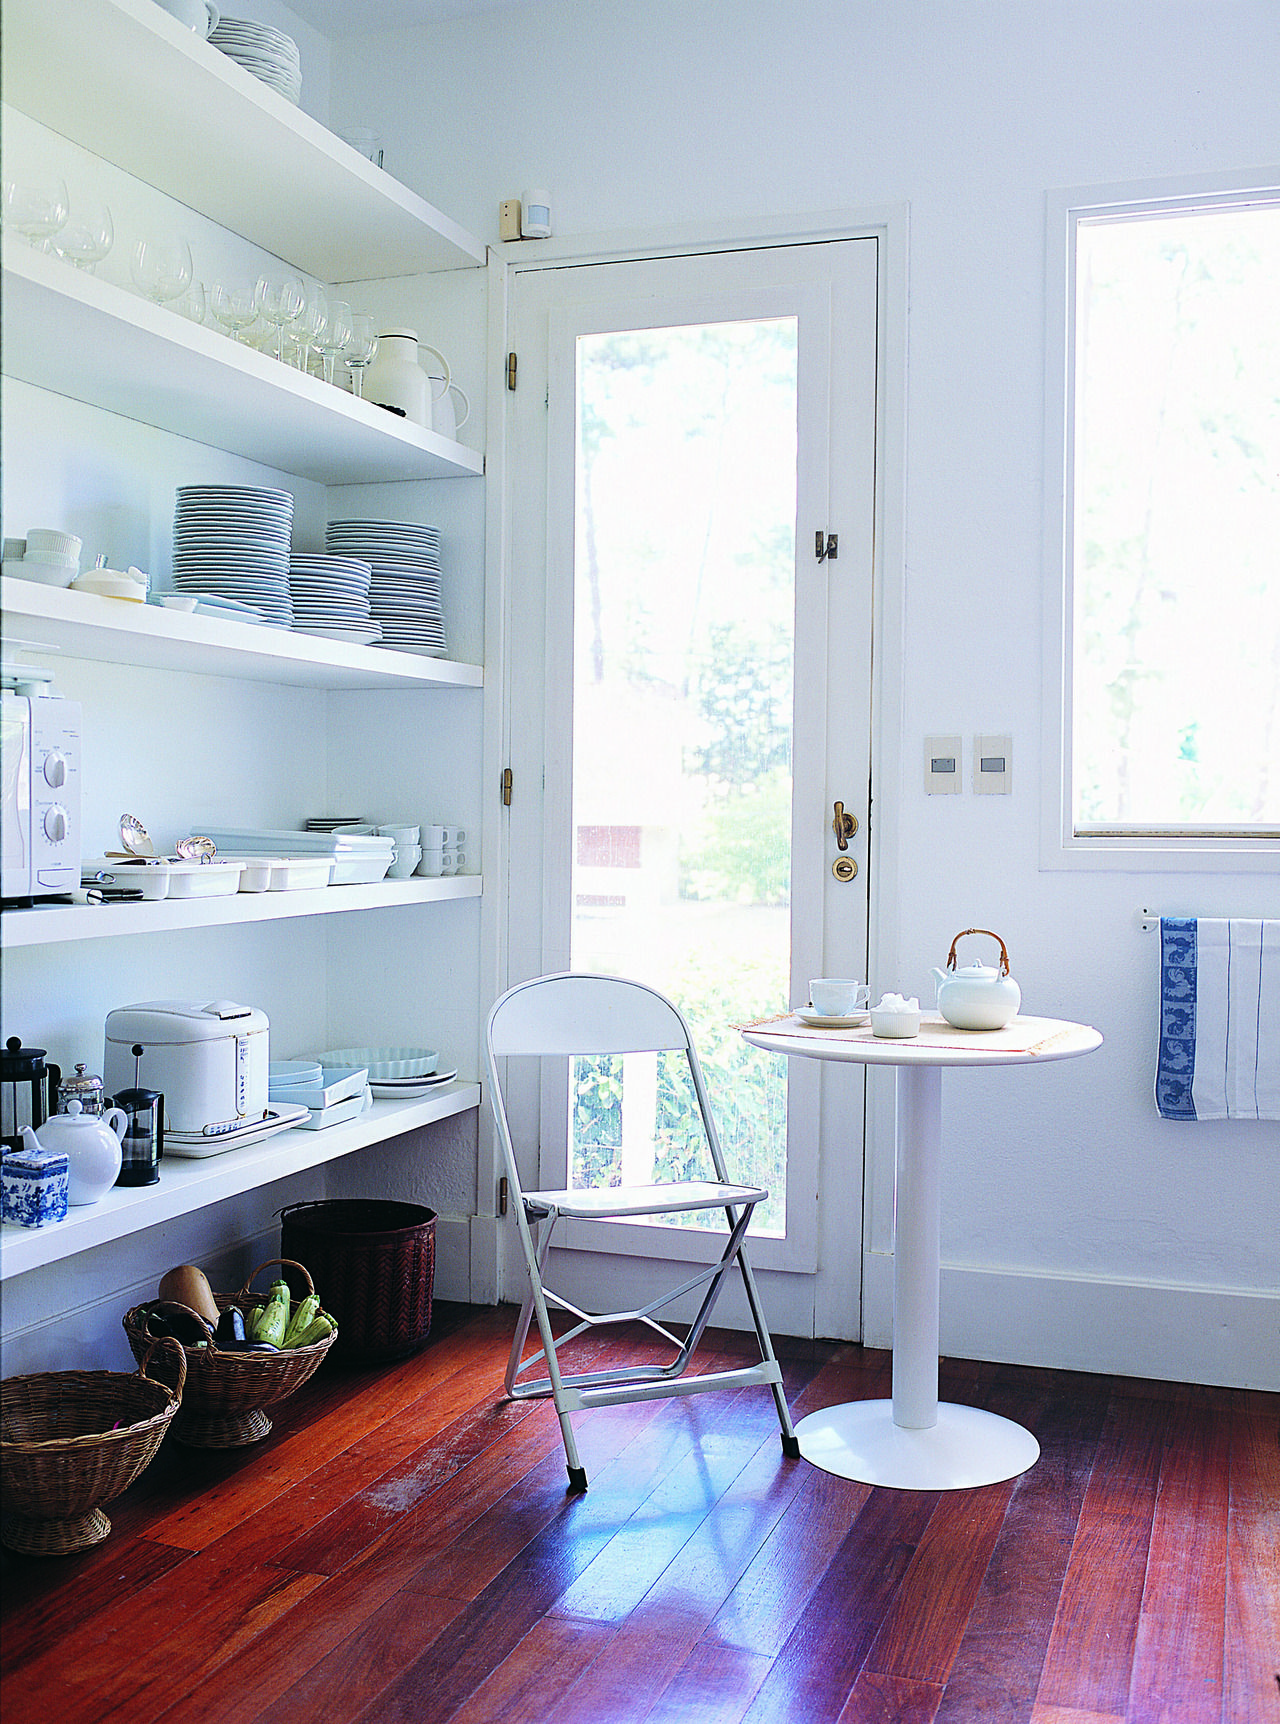 Una casa minimalista y con dise o luminoso a la sombra de for Casa minimalista uy